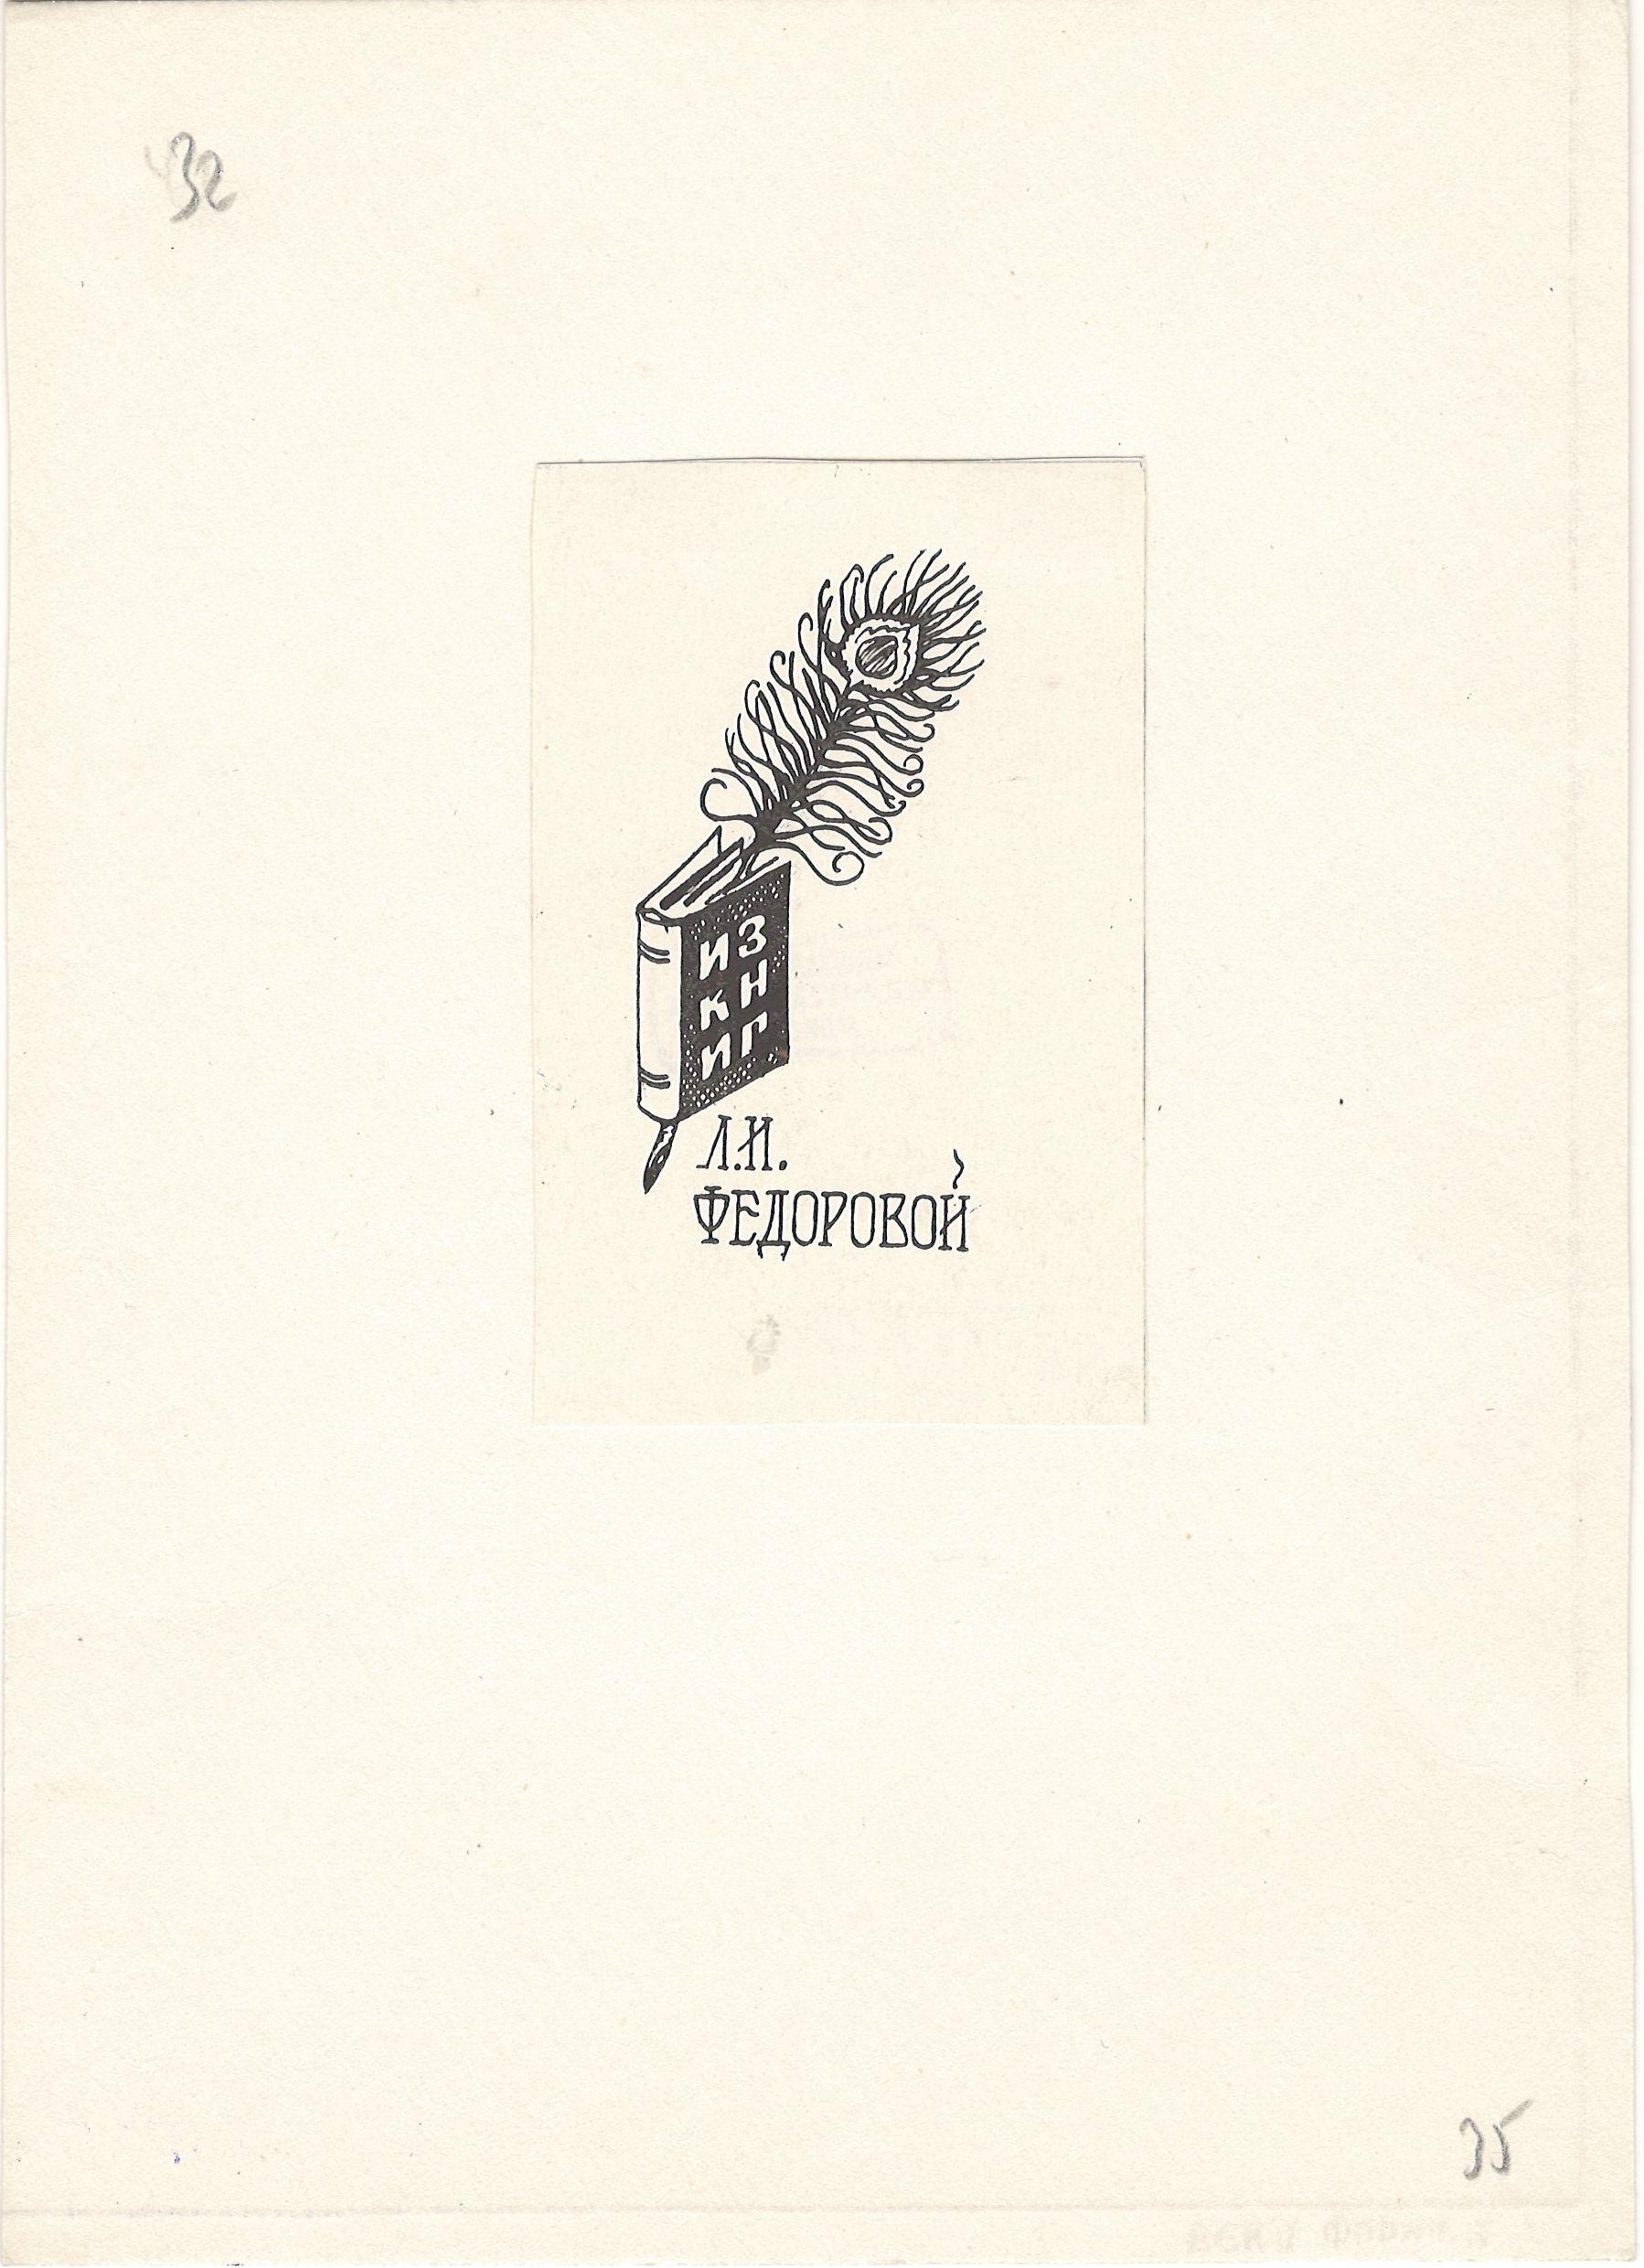 """Графіка. Екслібрис. """"Із книг Л. І. Федорової"""" Євгенії Шалигіної"""